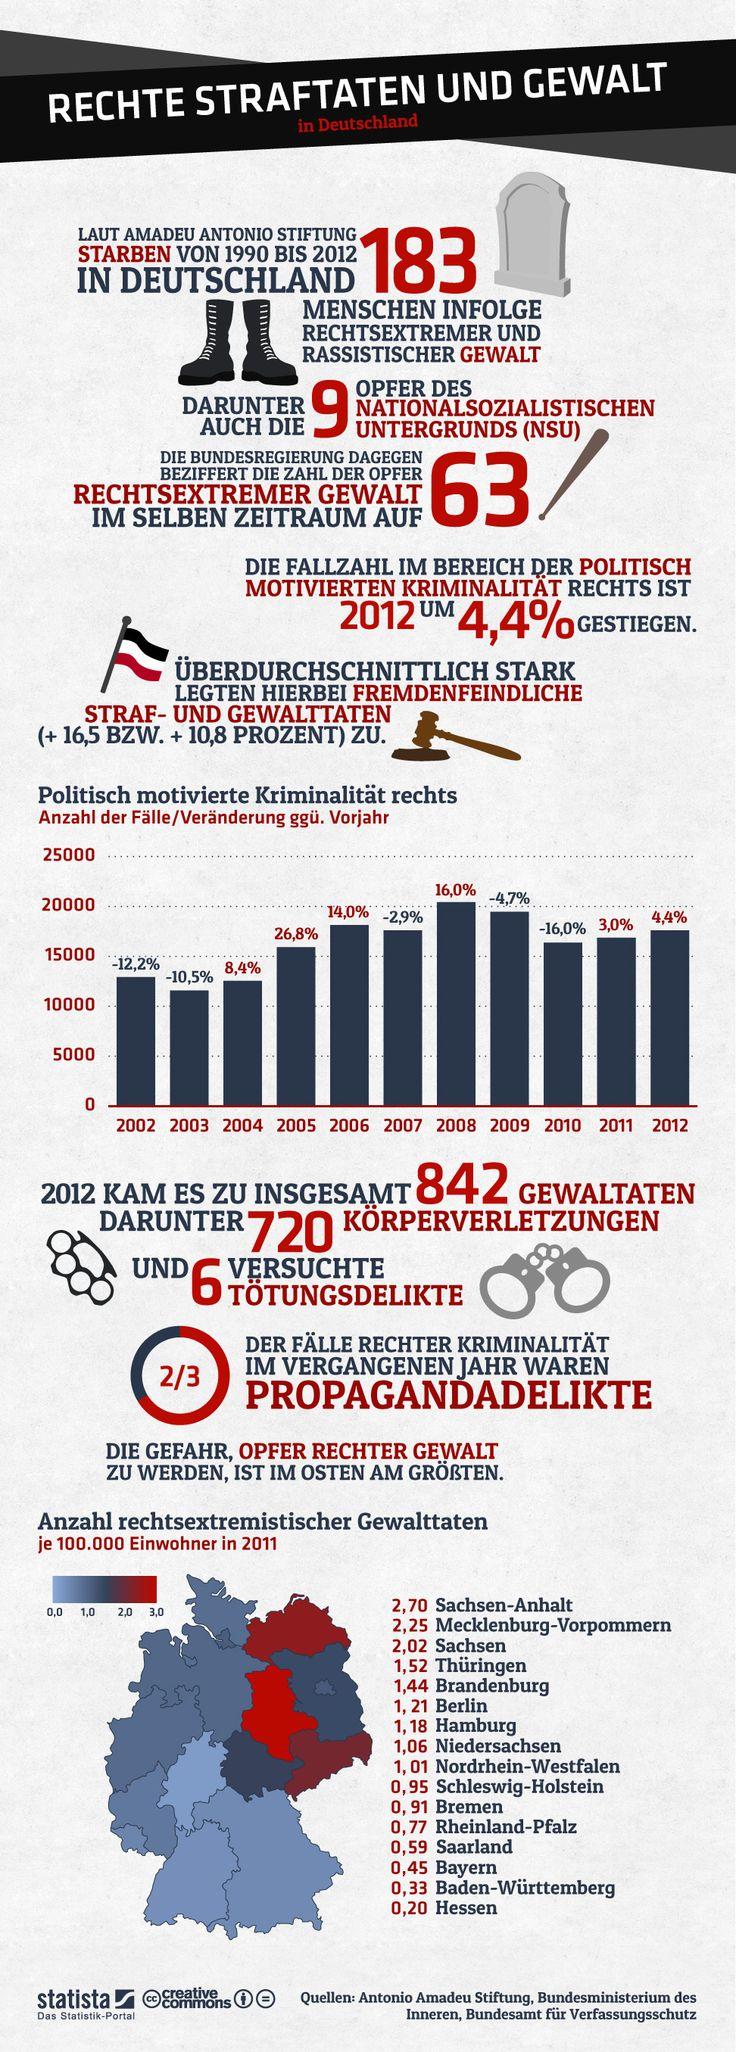 Die Grafik bildet ausgewählte Daten und Fakten zu politisch rechts motivierter Kriminalität in Deutschland ab. #statista #infografik